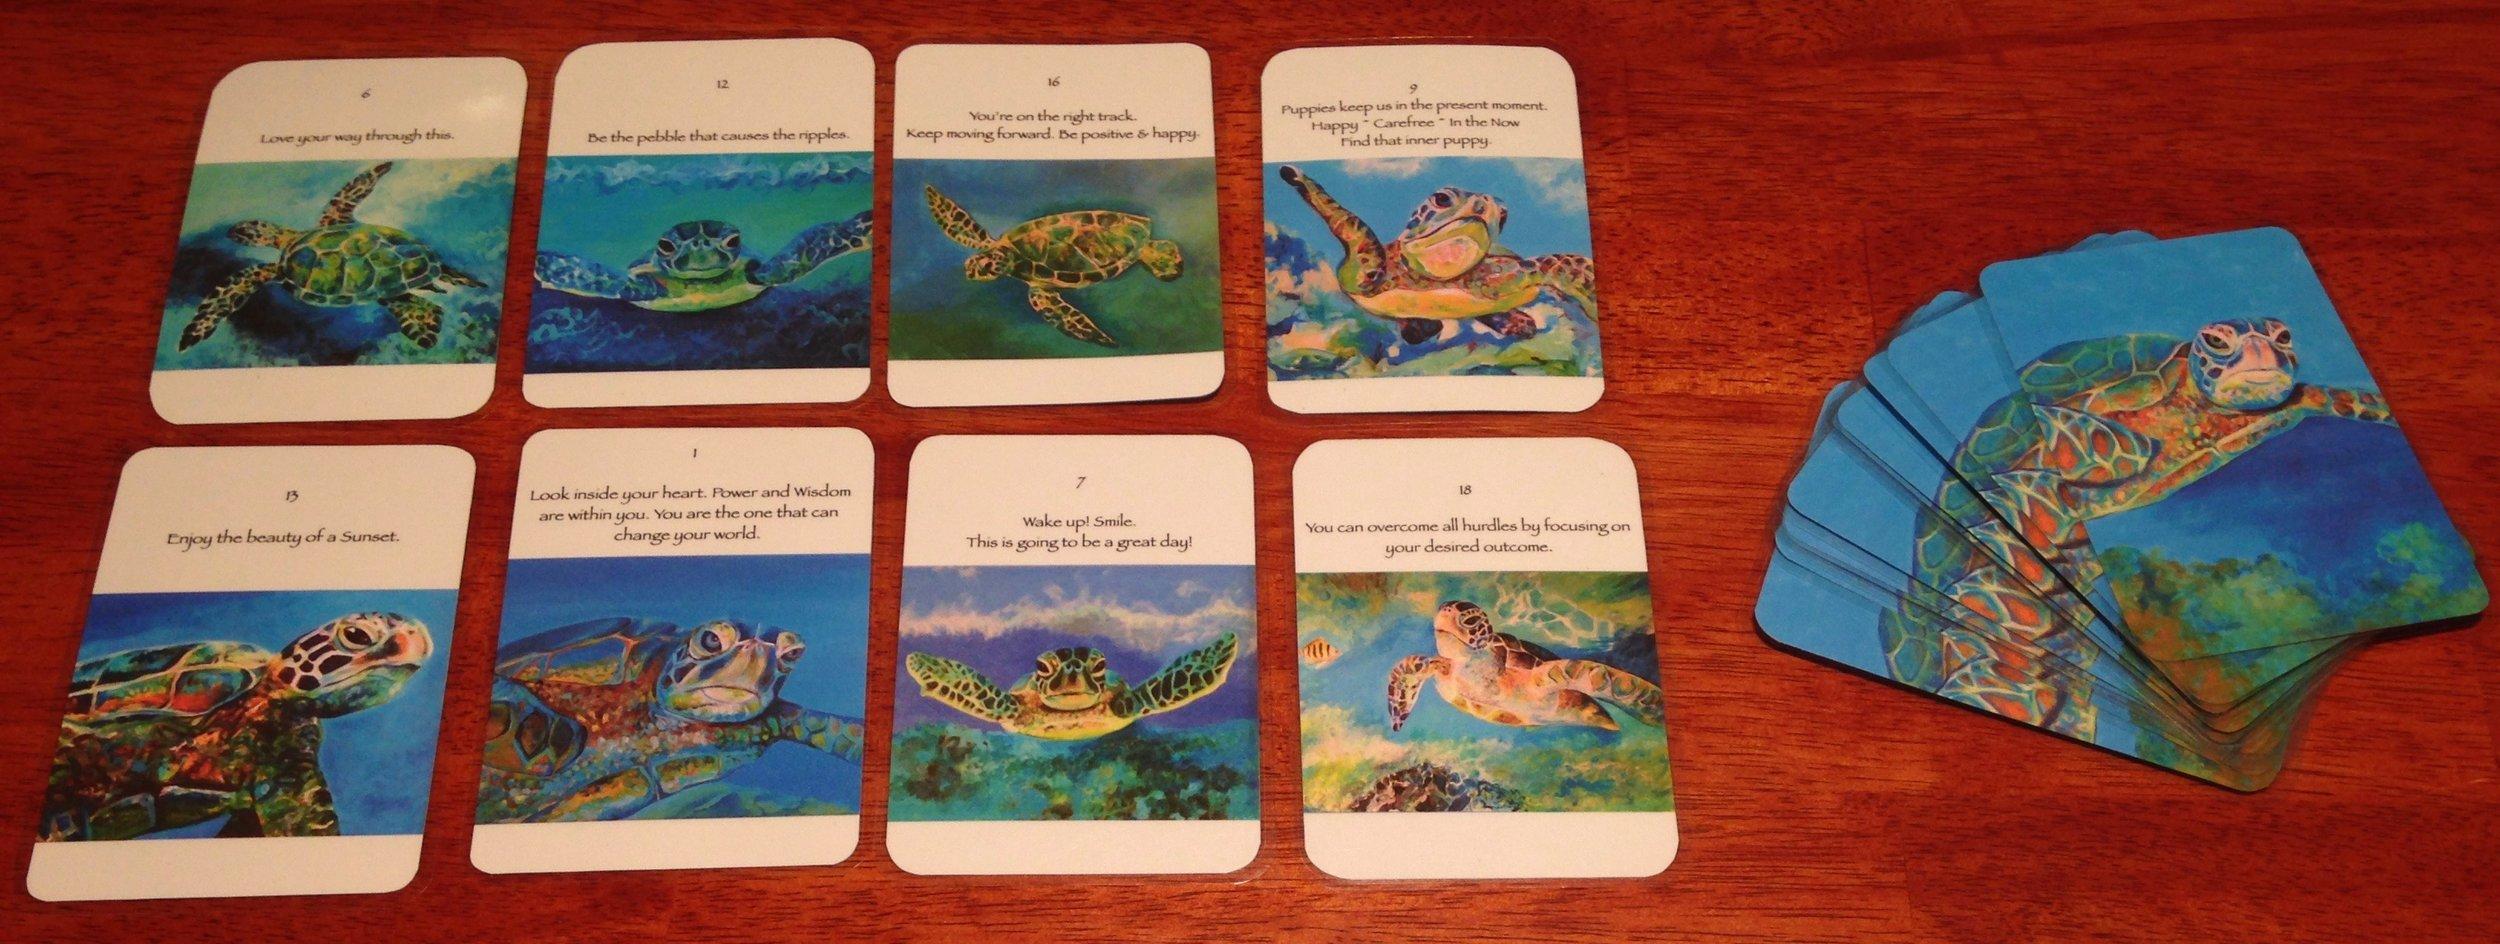 Honu Oracle cards display.jpg